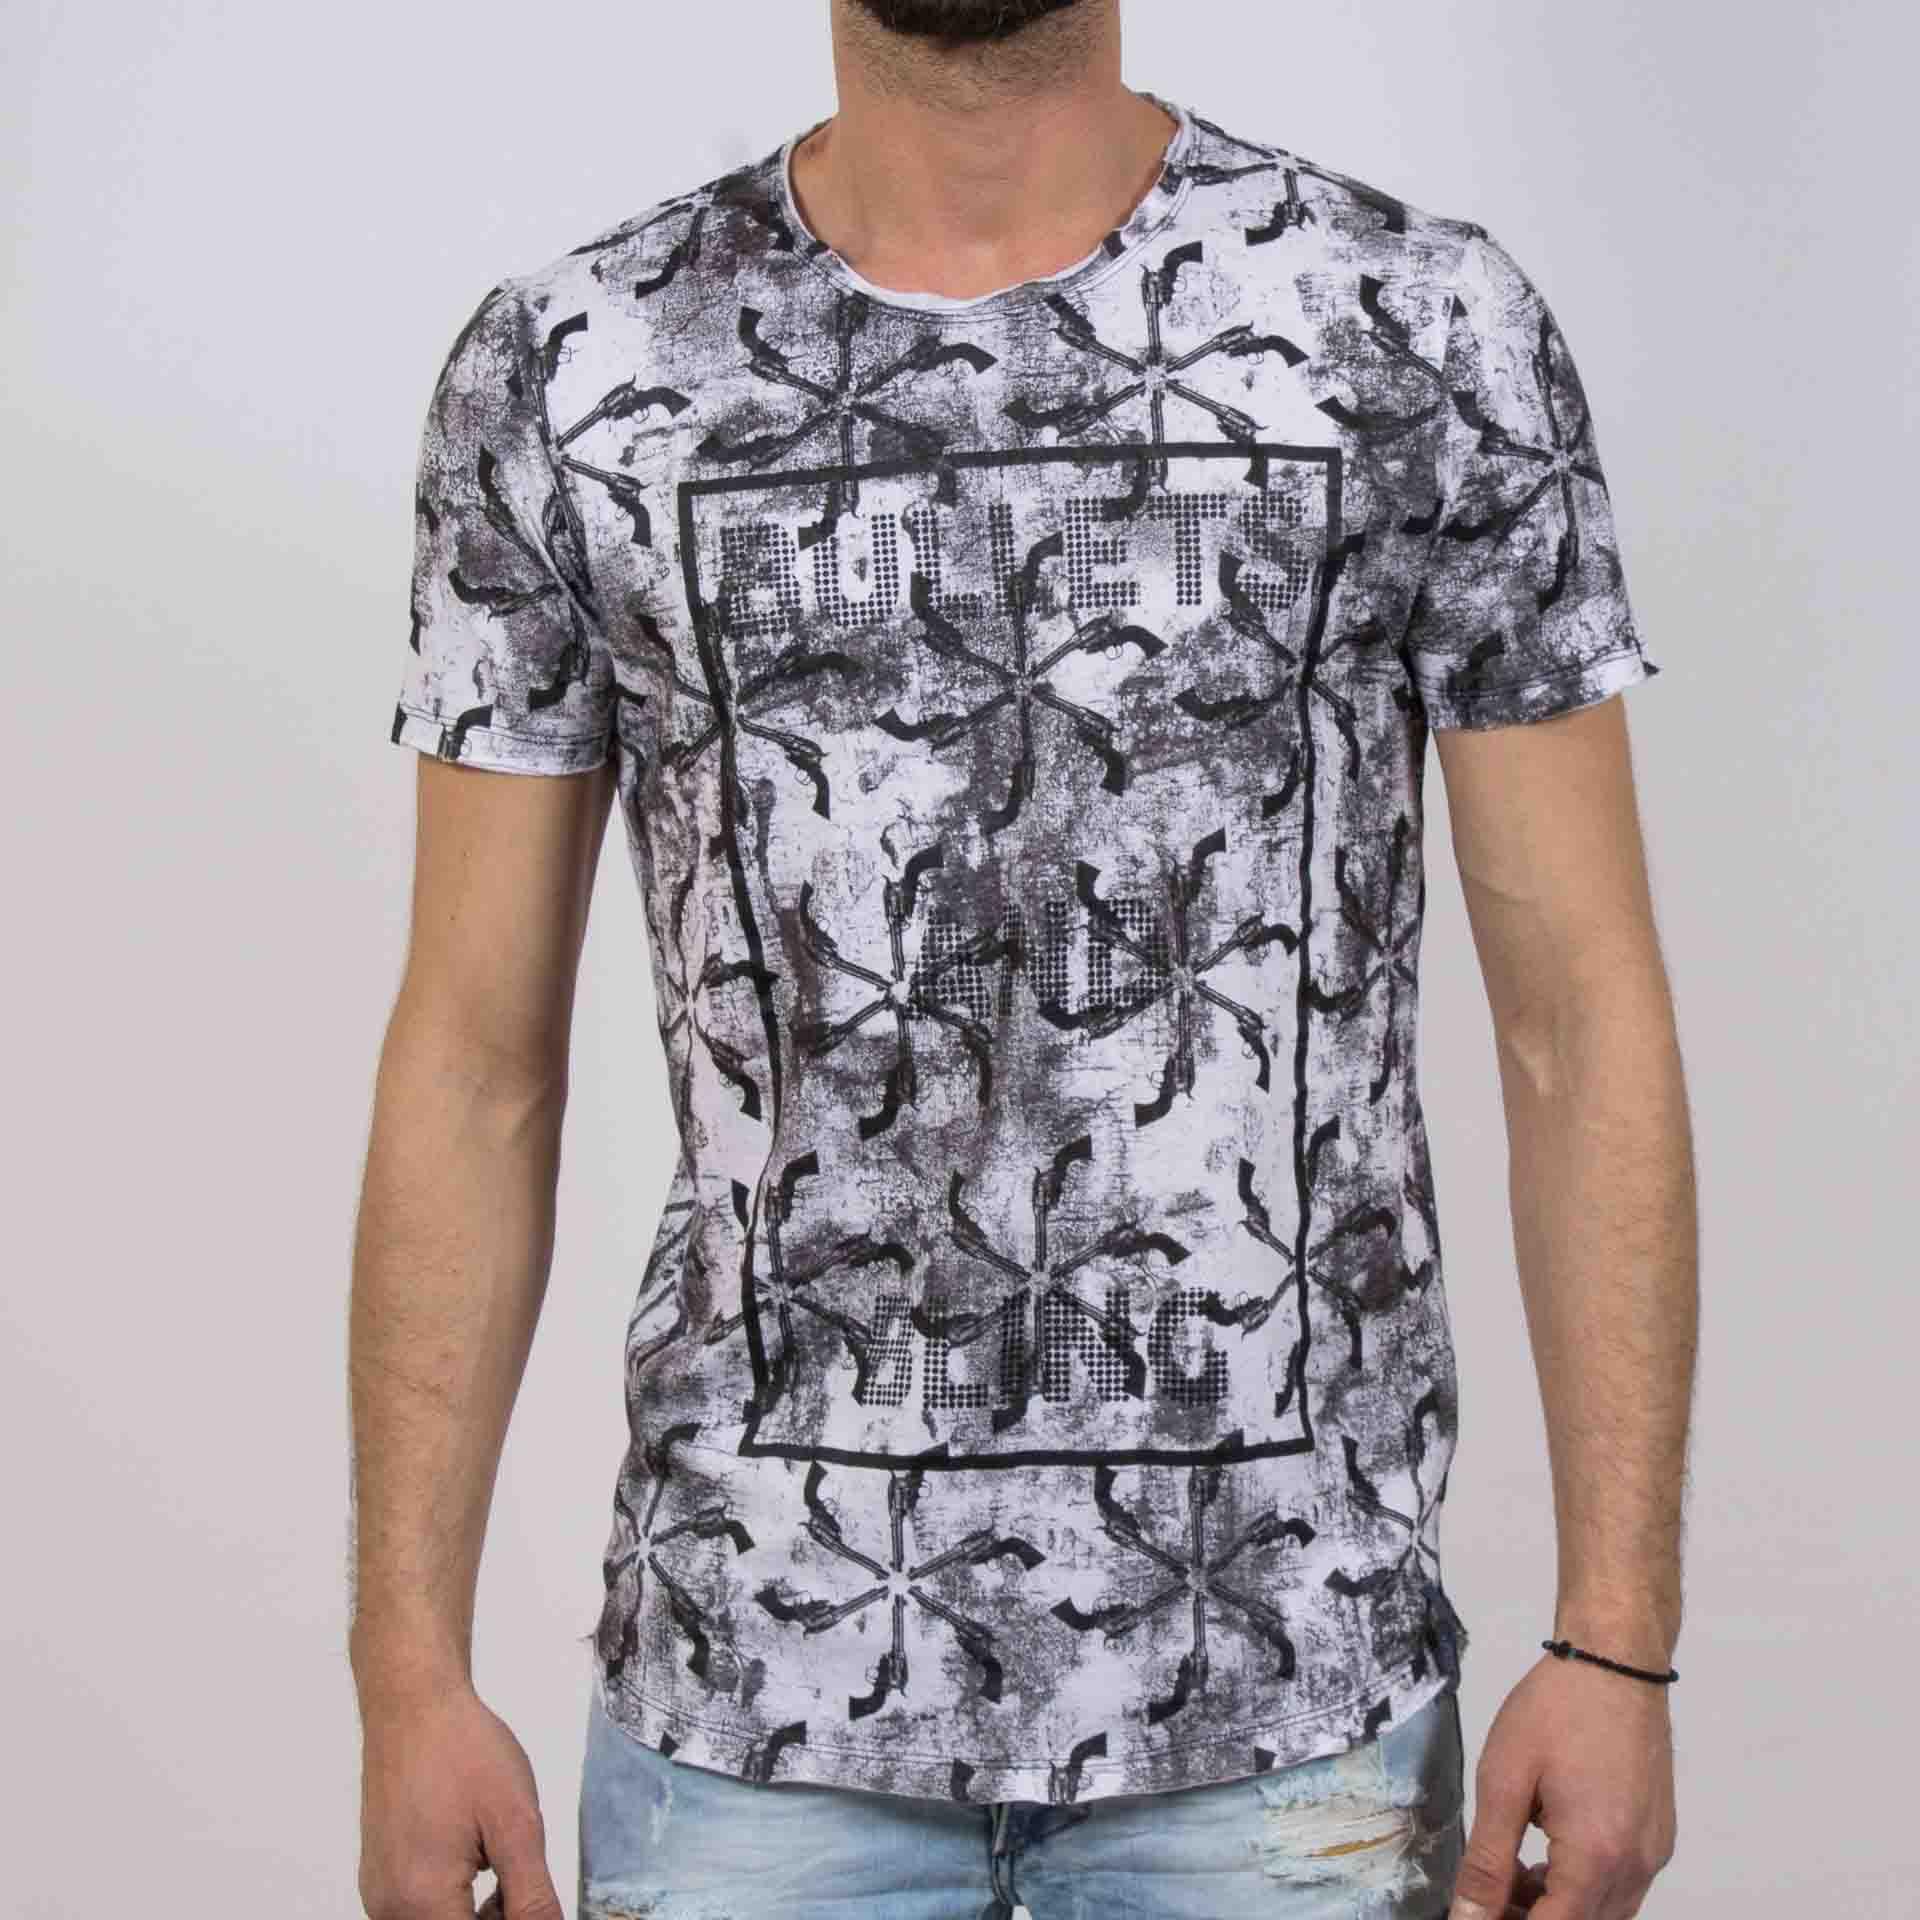 Ανδρική μπλούζα T-Shirt #Hashtag Bullets